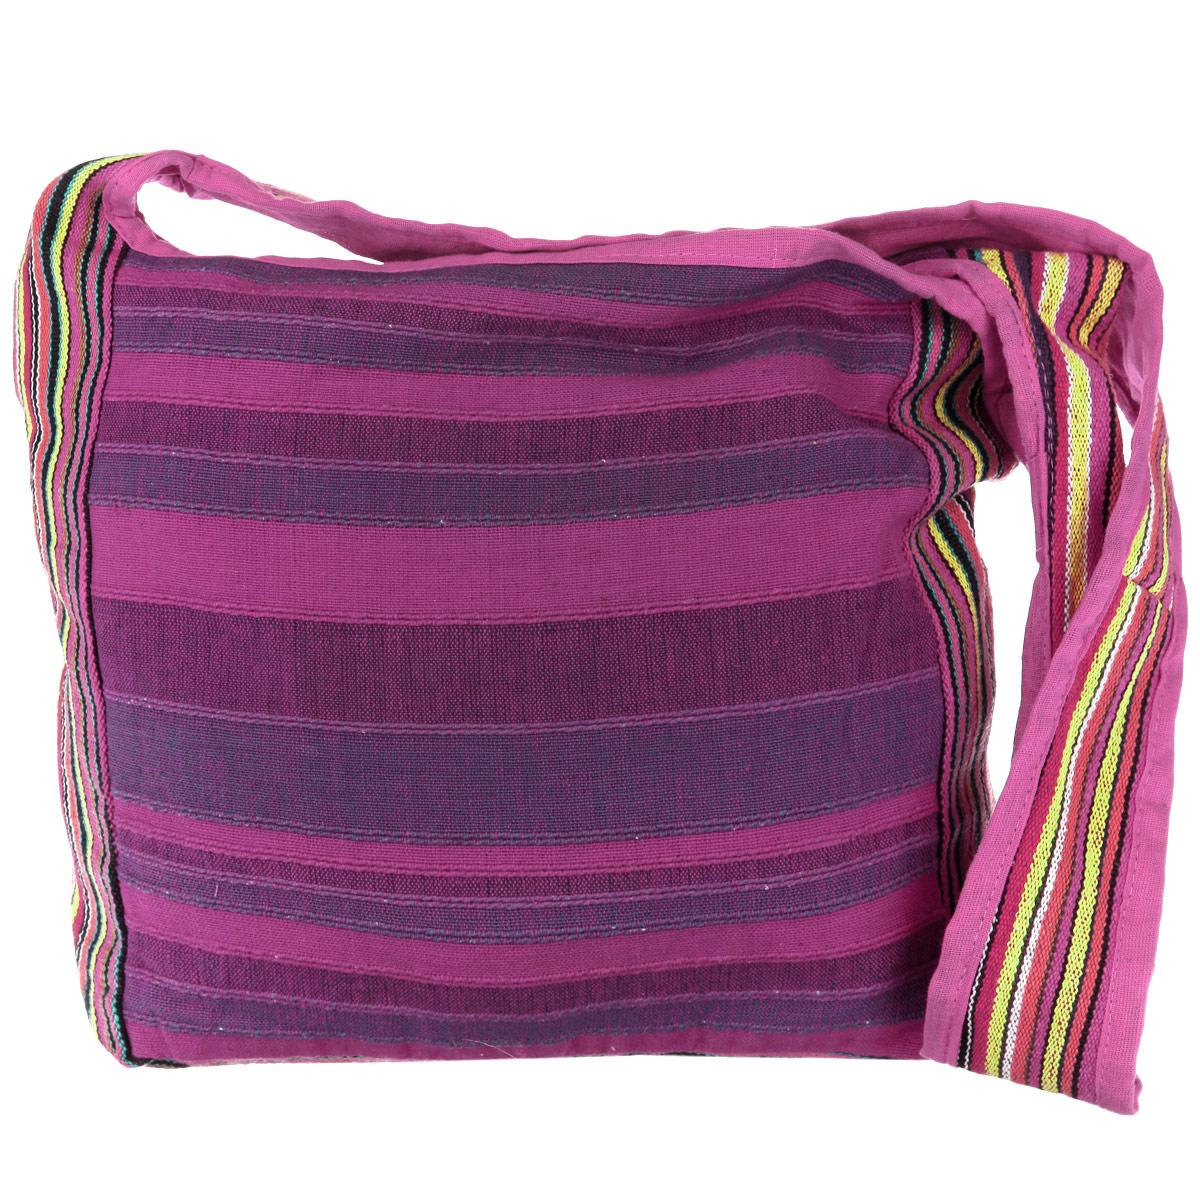 Сумка женская Ethnica, цвет: фиолетовый, фуксия, желтый. 149140149140_цикламеновый,сиреневыйОригинальная женская сумка Ethnica выполнена из натурального хлопка, и оформлена стильными широкими полосками. Сумка состоит из одного основного отделения, закрывающегося на застежку-молнию. Внутри расположен открытый накладной кармашек для мелочей. На задней стороне сумки находится дополнительный прорезной карман на молнии. Боковые стороны сумки оформлены яркими контрастными вставками. Для удобной переноски на плече предусмотрен широкий плечевой ремень. Такая сумка идеально дополнит и подчеркнет ваш неповторимый образ.